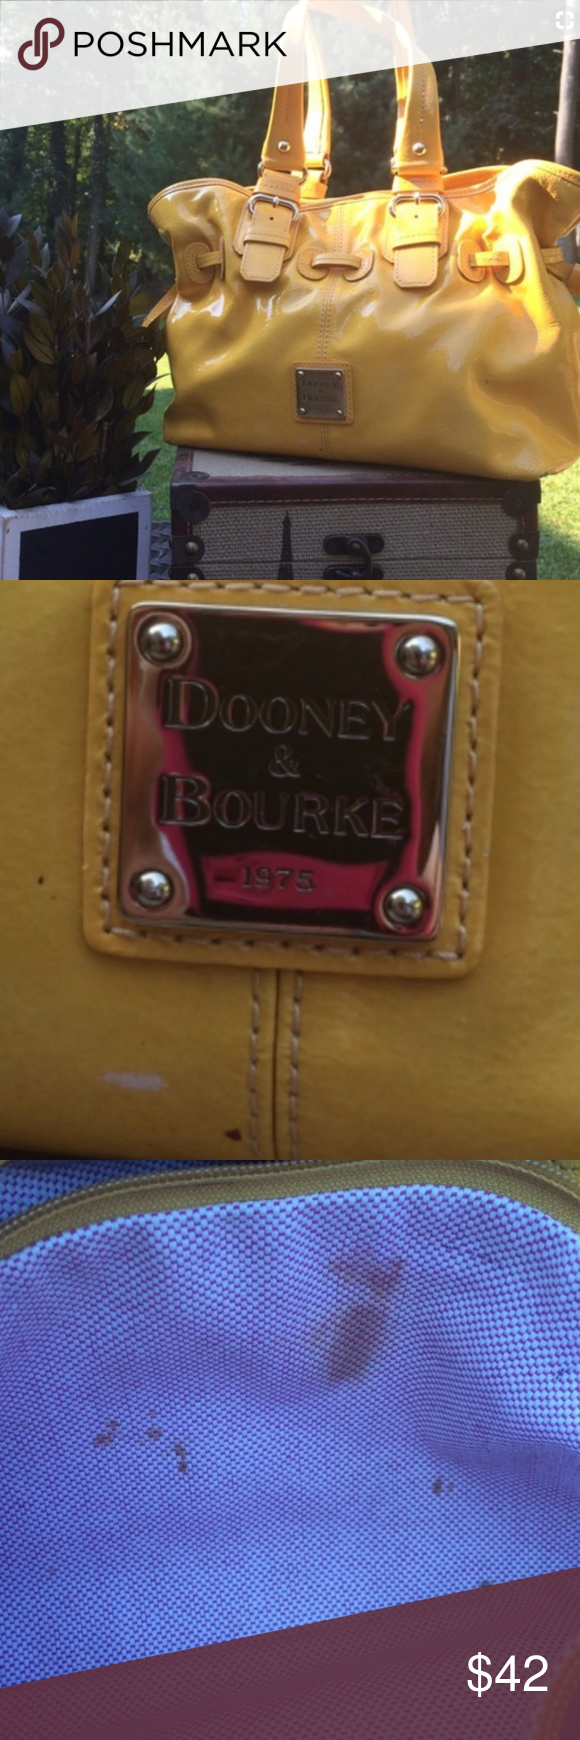 Dooney & Burke Chiara Bag Sunshine yellow patent leather